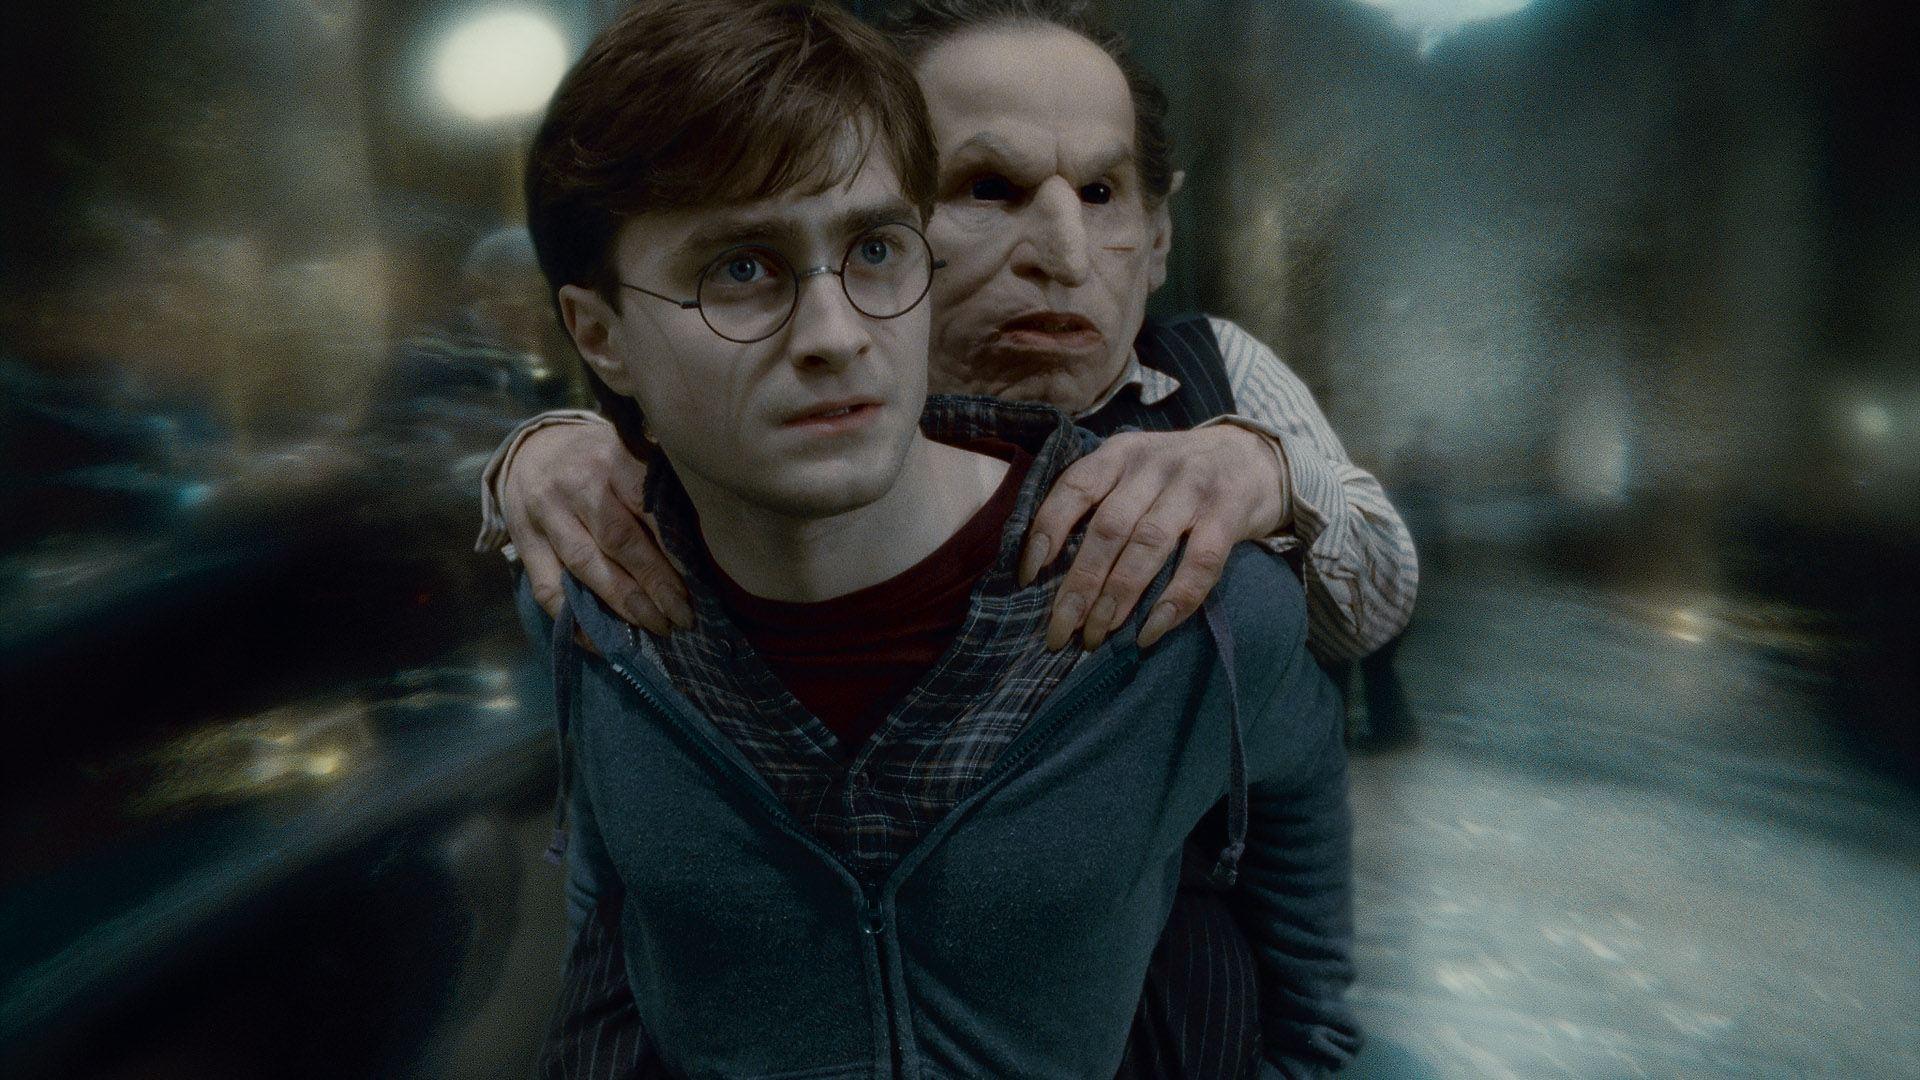 кадры из фильма Гарри Поттер и Дары Смерти: Часть вторая Дэниэл Рэдклифф, Уорвик Дэвис,